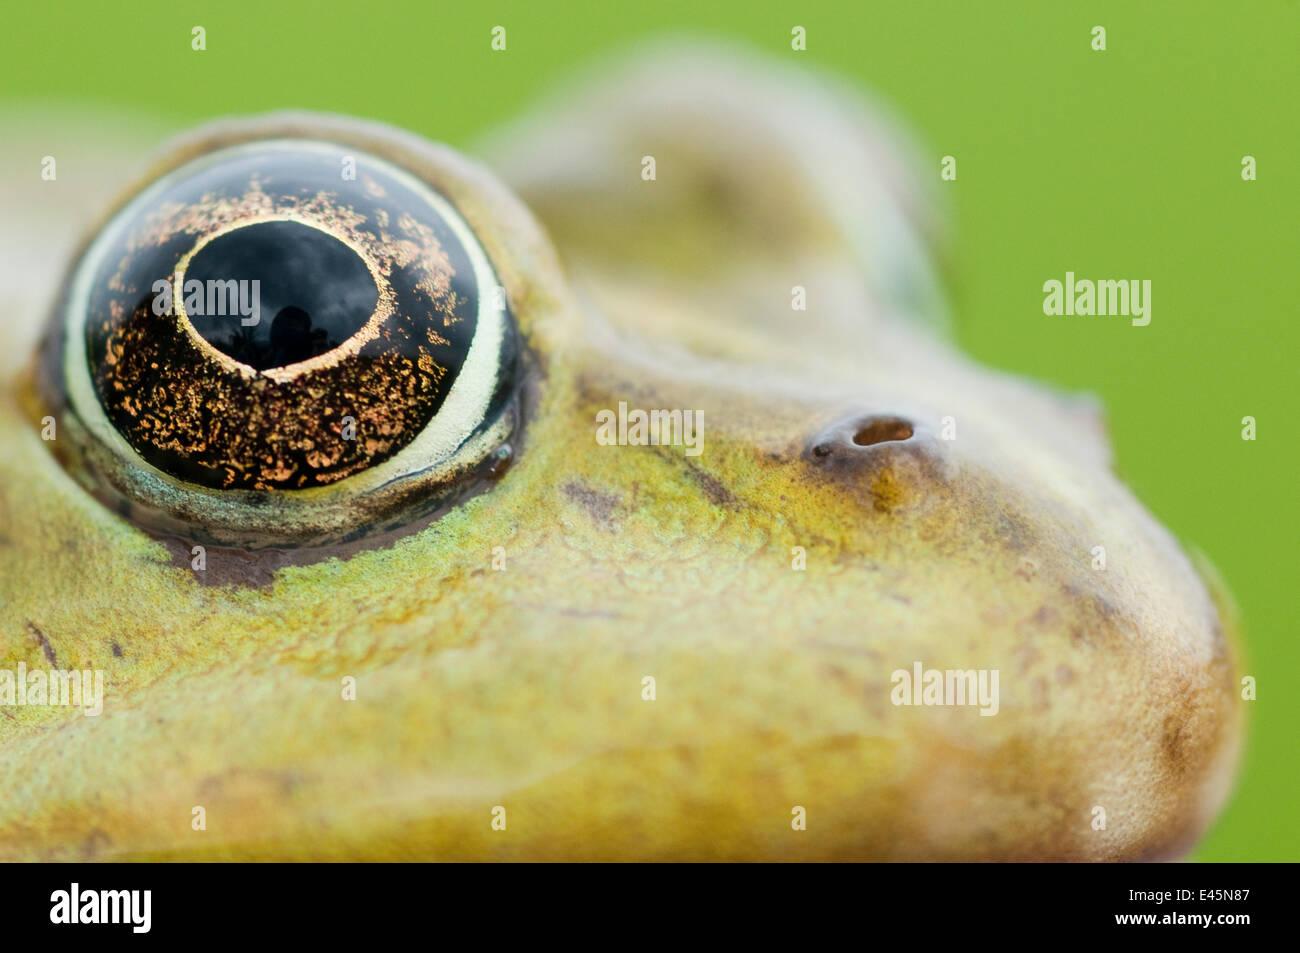 Unión comestible (RANA rana esculenta) cerca de la cabeza que muestra el ojo, área de Prypiat, Belarús, Imagen De Stock